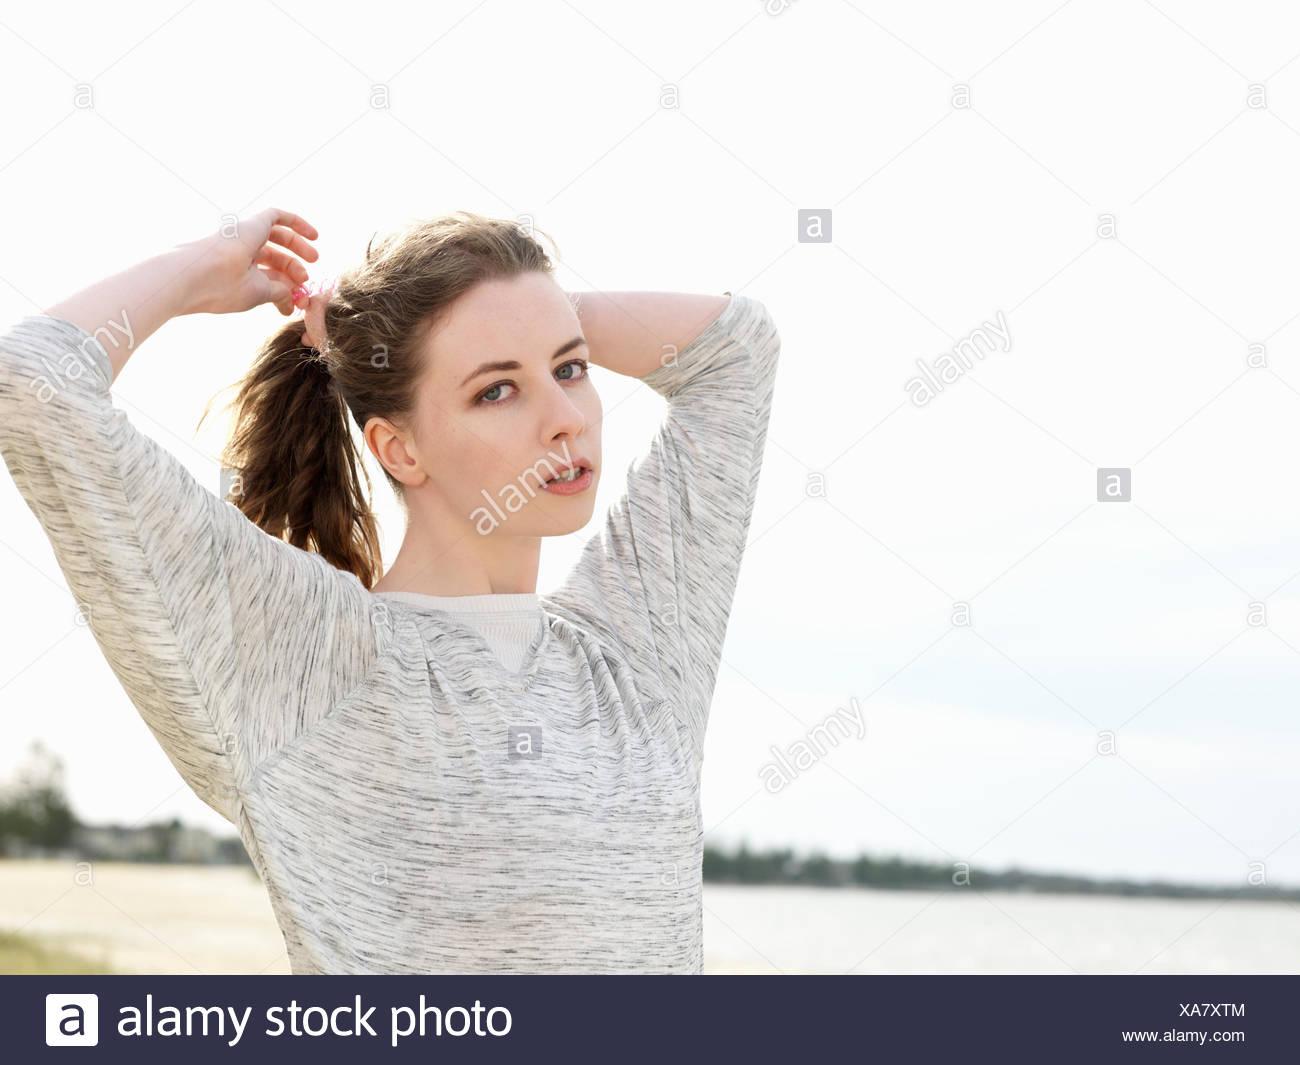 Junge Frau Anpassung Pferdeschwanz Stockbild